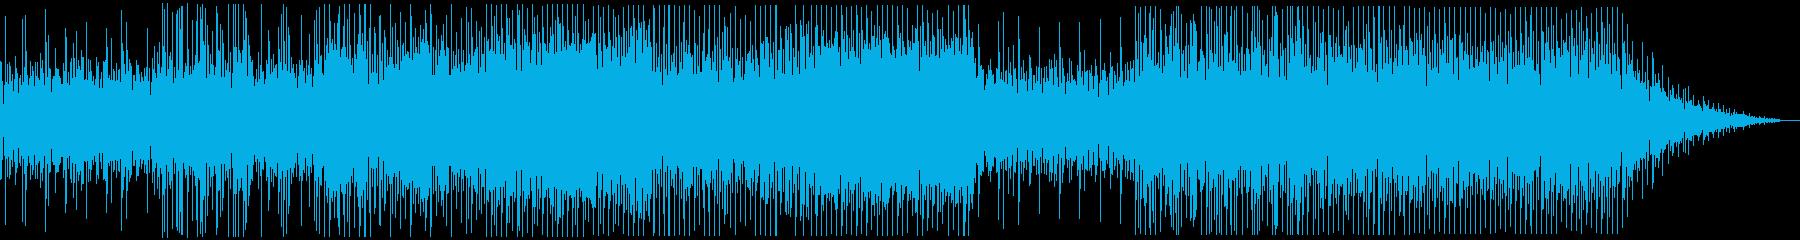 癒しのあるシンフォニックなエレクトロの再生済みの波形